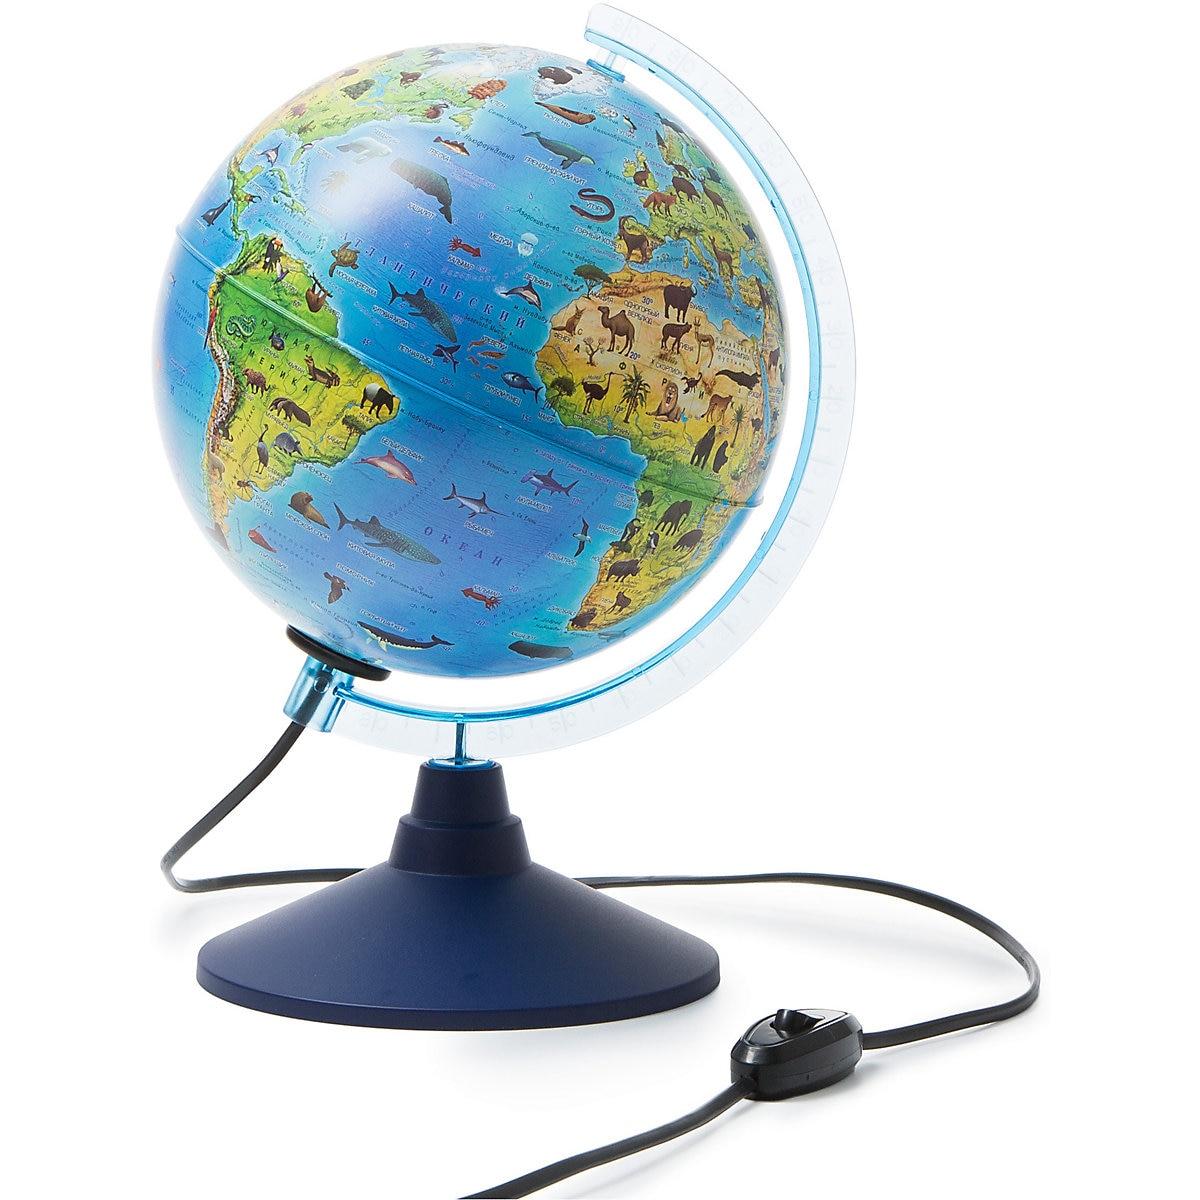 Ensemble de bureau GLOBEN 7327223 organisateur d'accessoires globe pour bureaux et écoles scolaires MTpromo